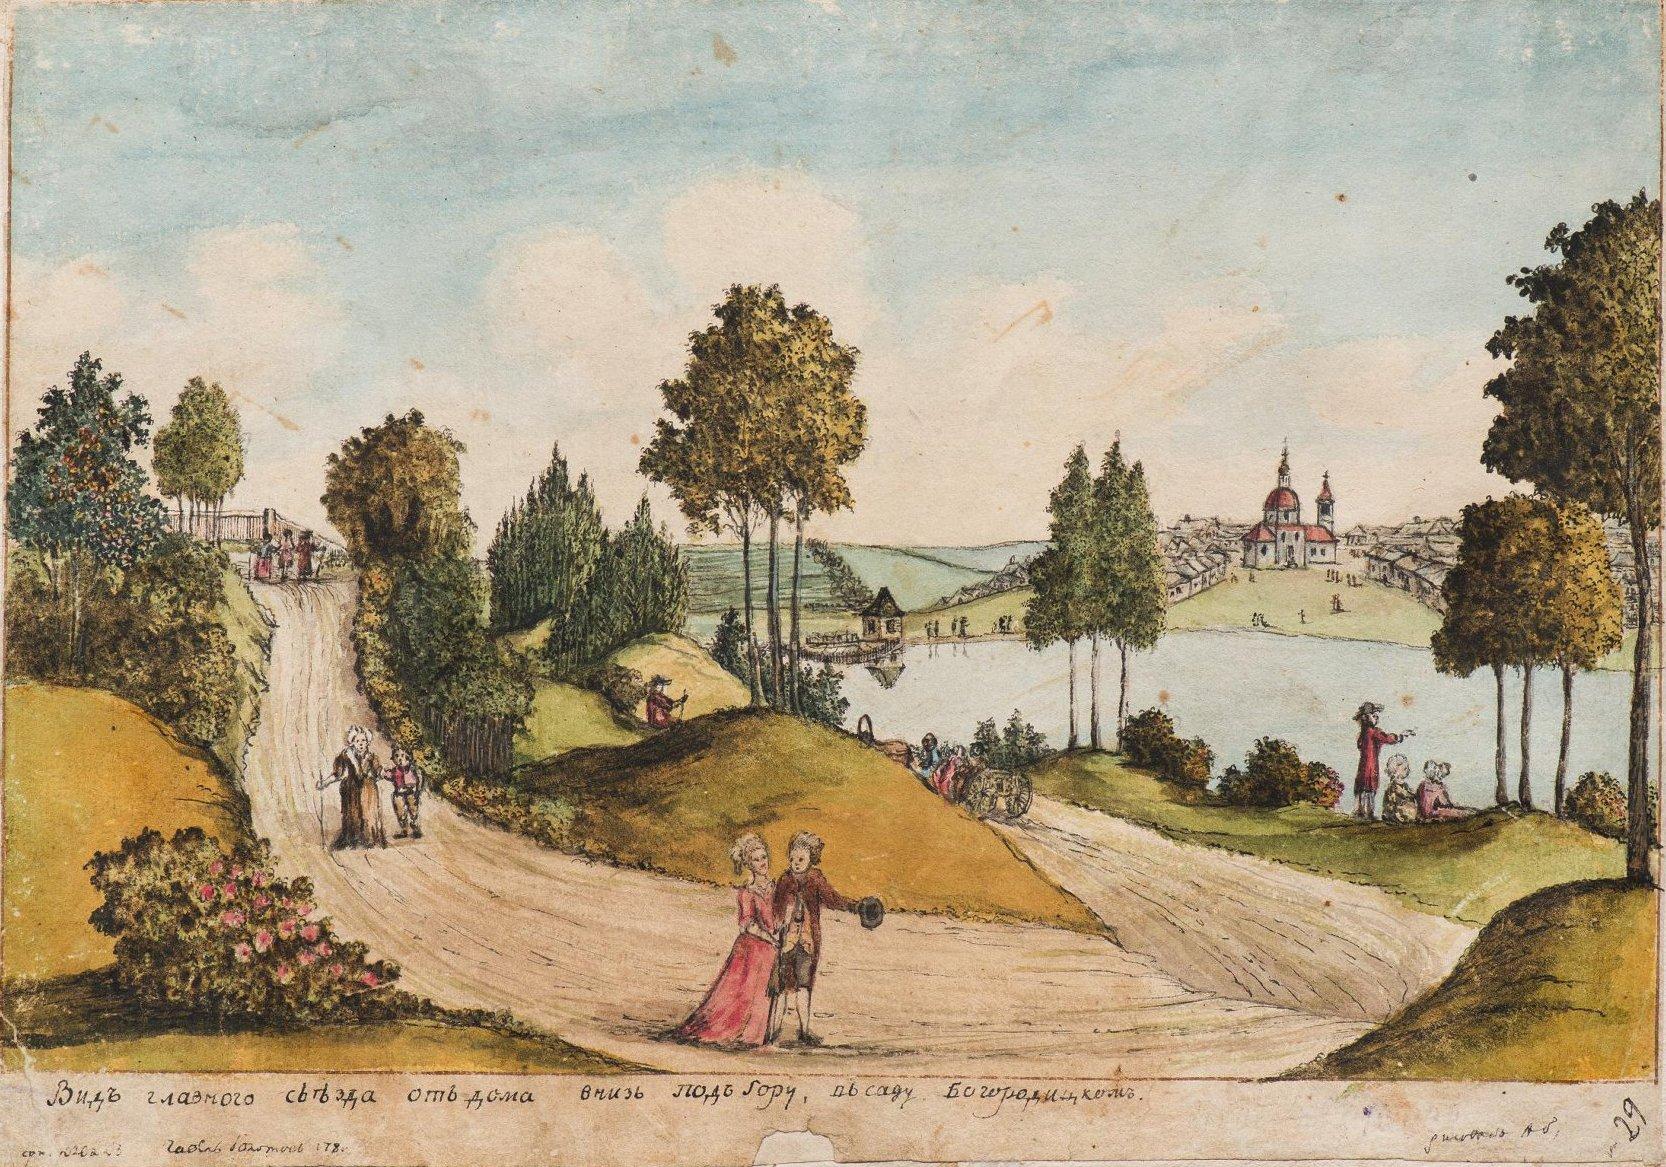 Вид на главный съезд от дворца к Большому пруду в Богородицком парке (Вид главного съезда от дома вниз под гору в саду Богородицком)